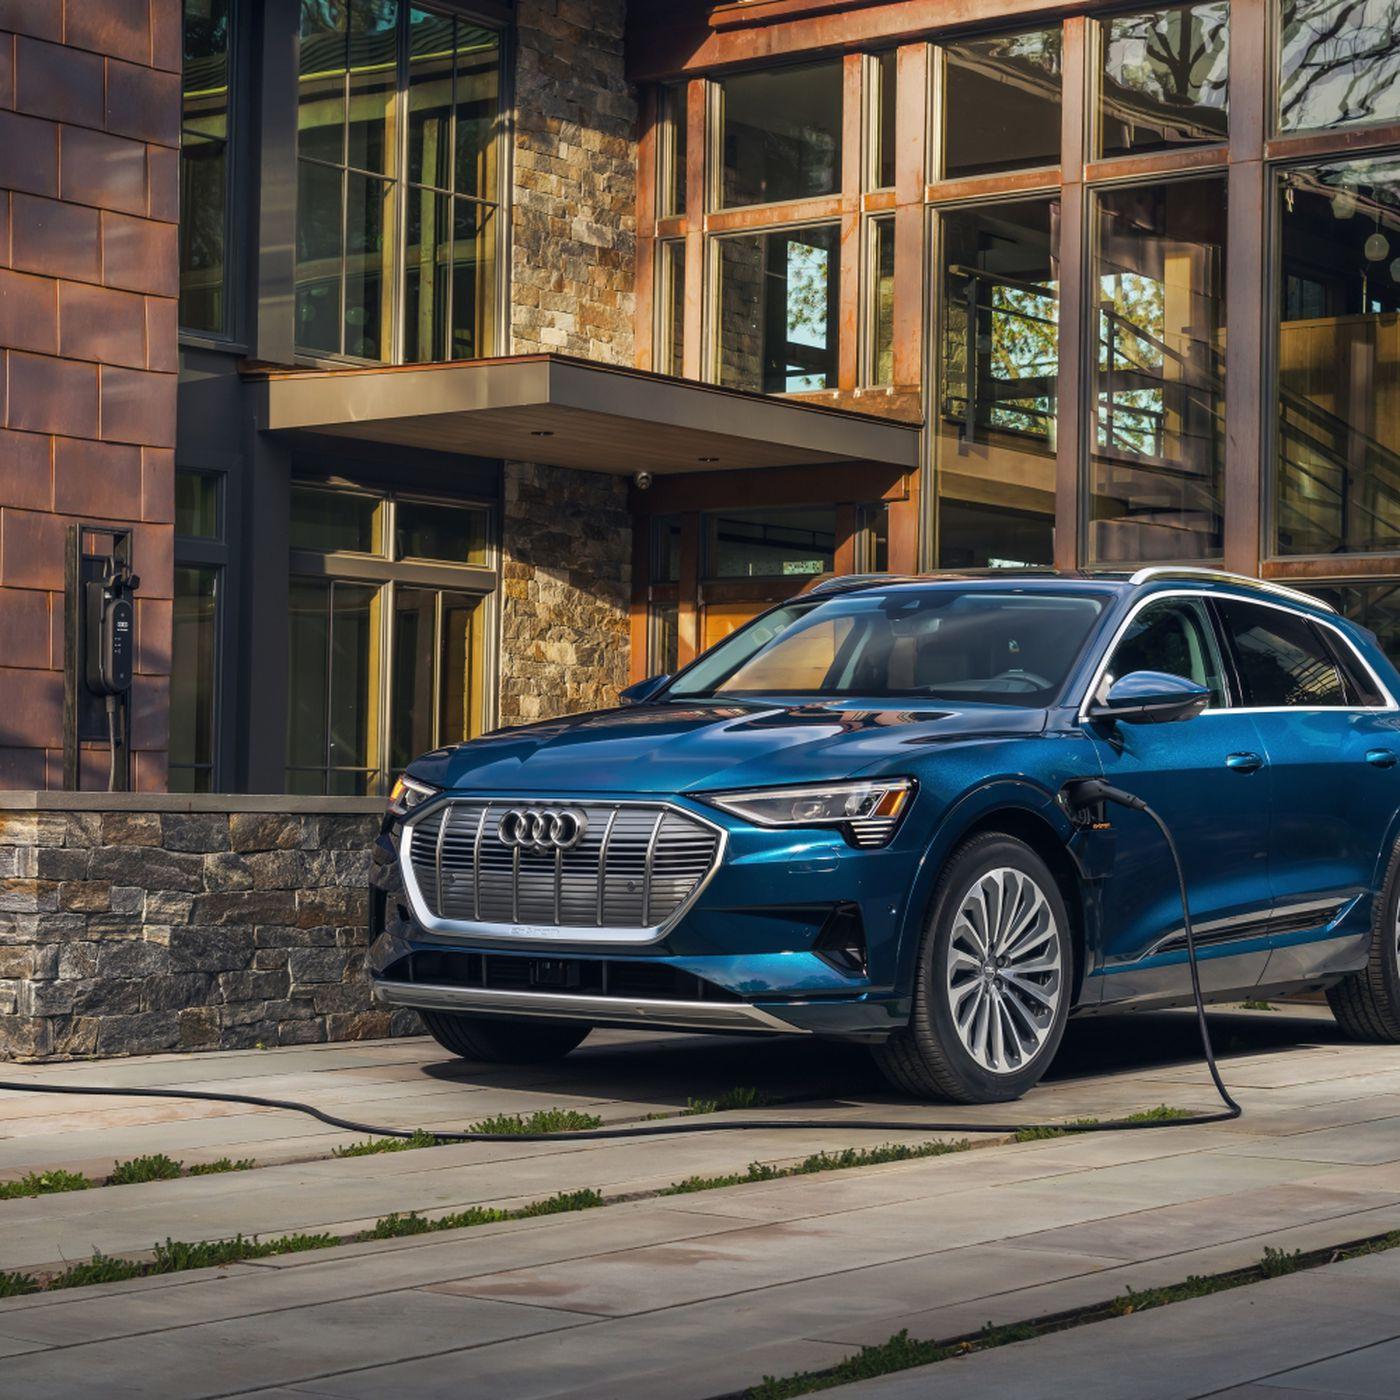 Kelebihan Kekurangan Etron Audi Perbandingan Harga